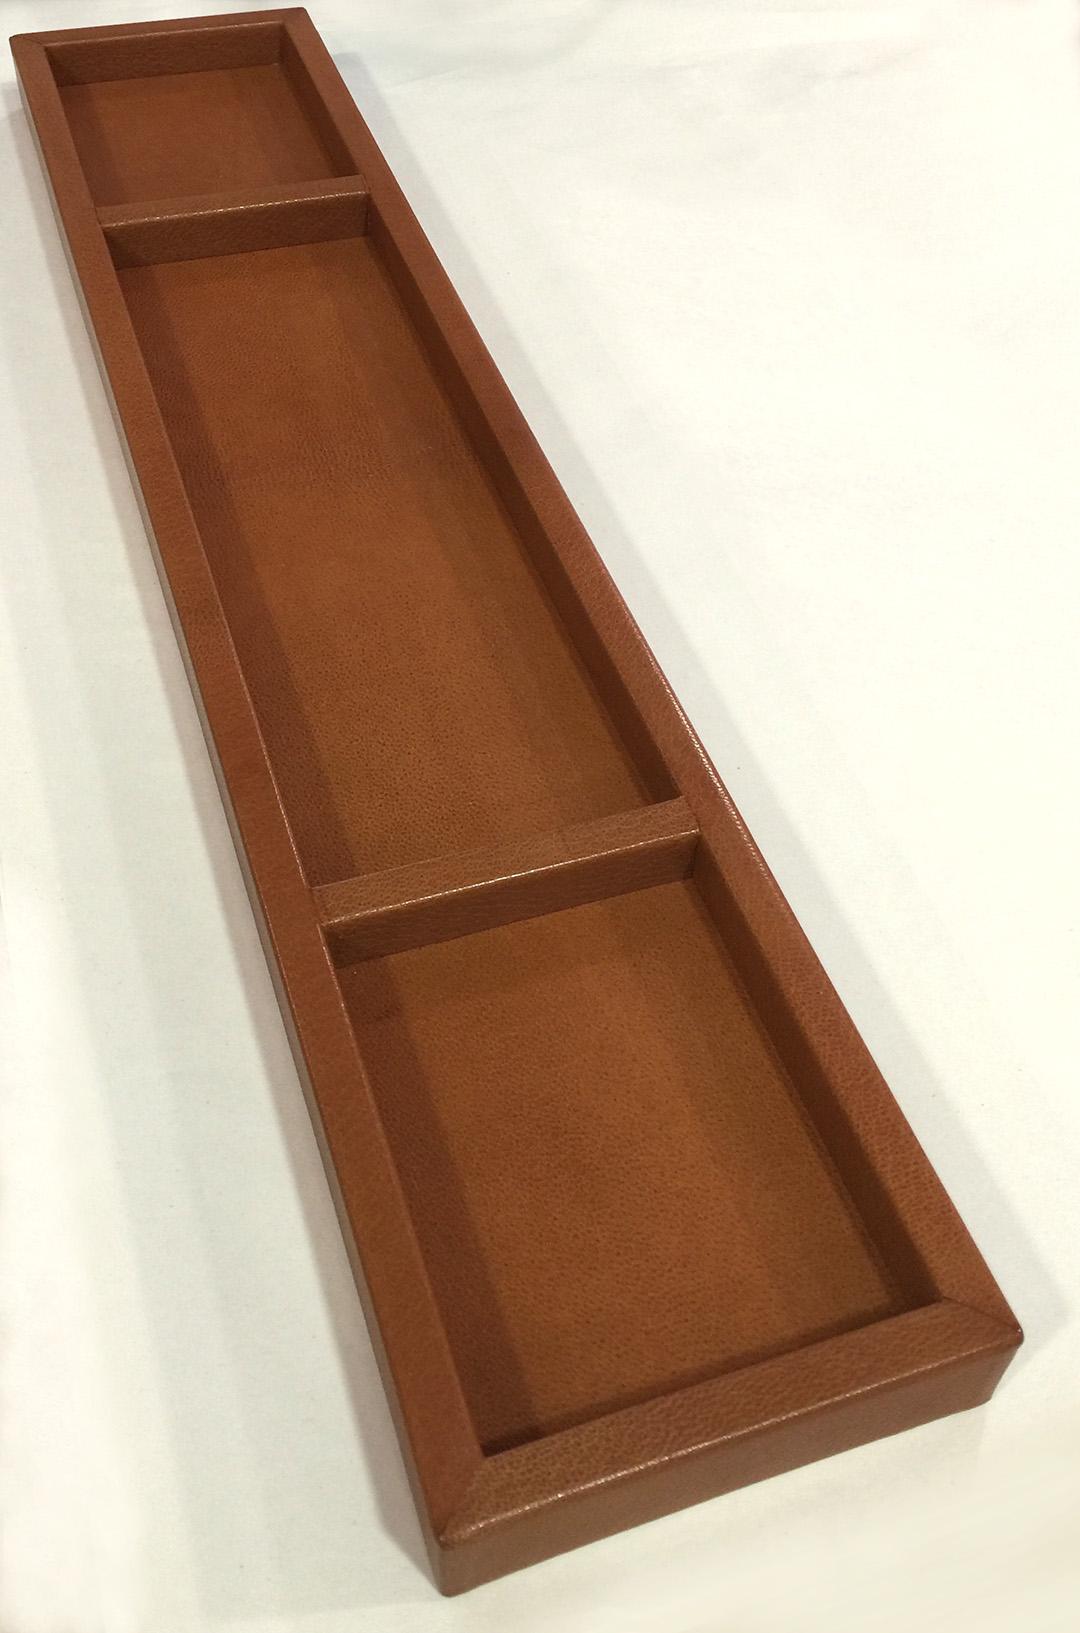 Chestnut Brown Drawer Insert